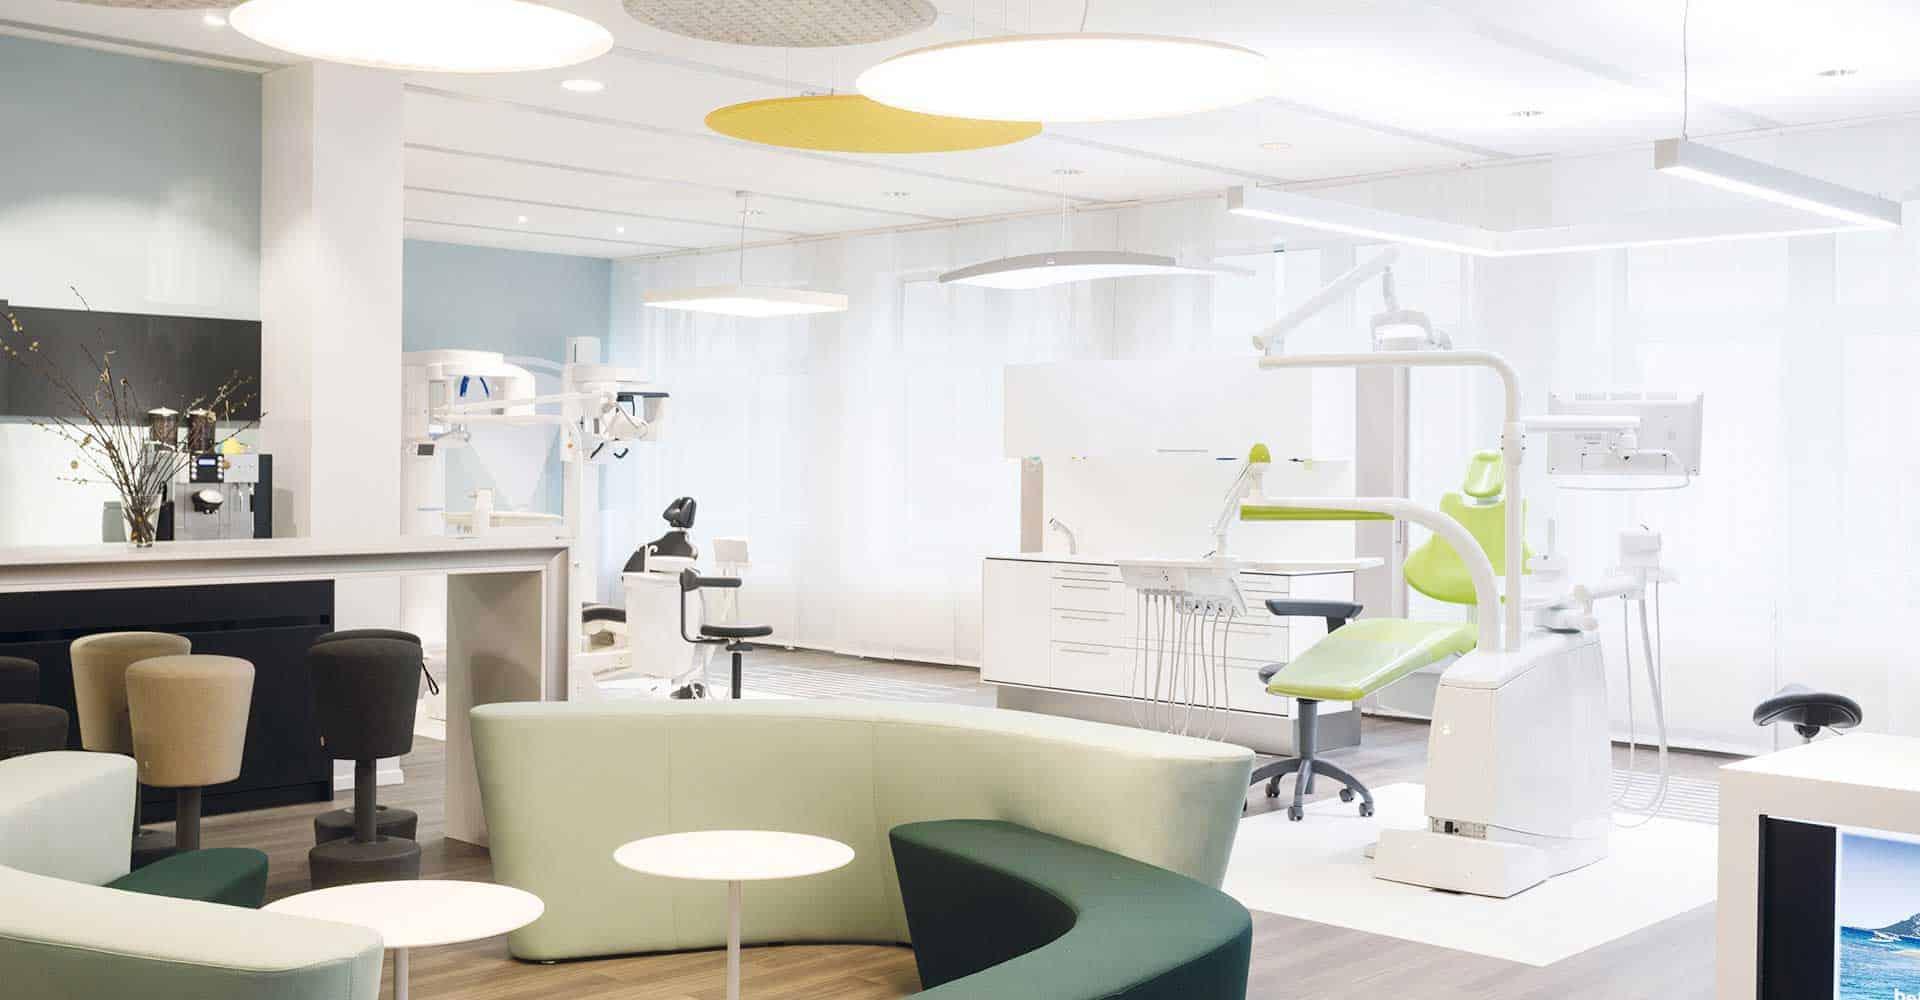 GERL. Dental, Showroom, Umgestaltung, Ladenbau, Dresden, Zahnaerzte, Zaehne, Aerzte, Smilewand, Architektur, Maler, Boden, Marketing, Besprechungsraum, Innenausbau, 200 qm